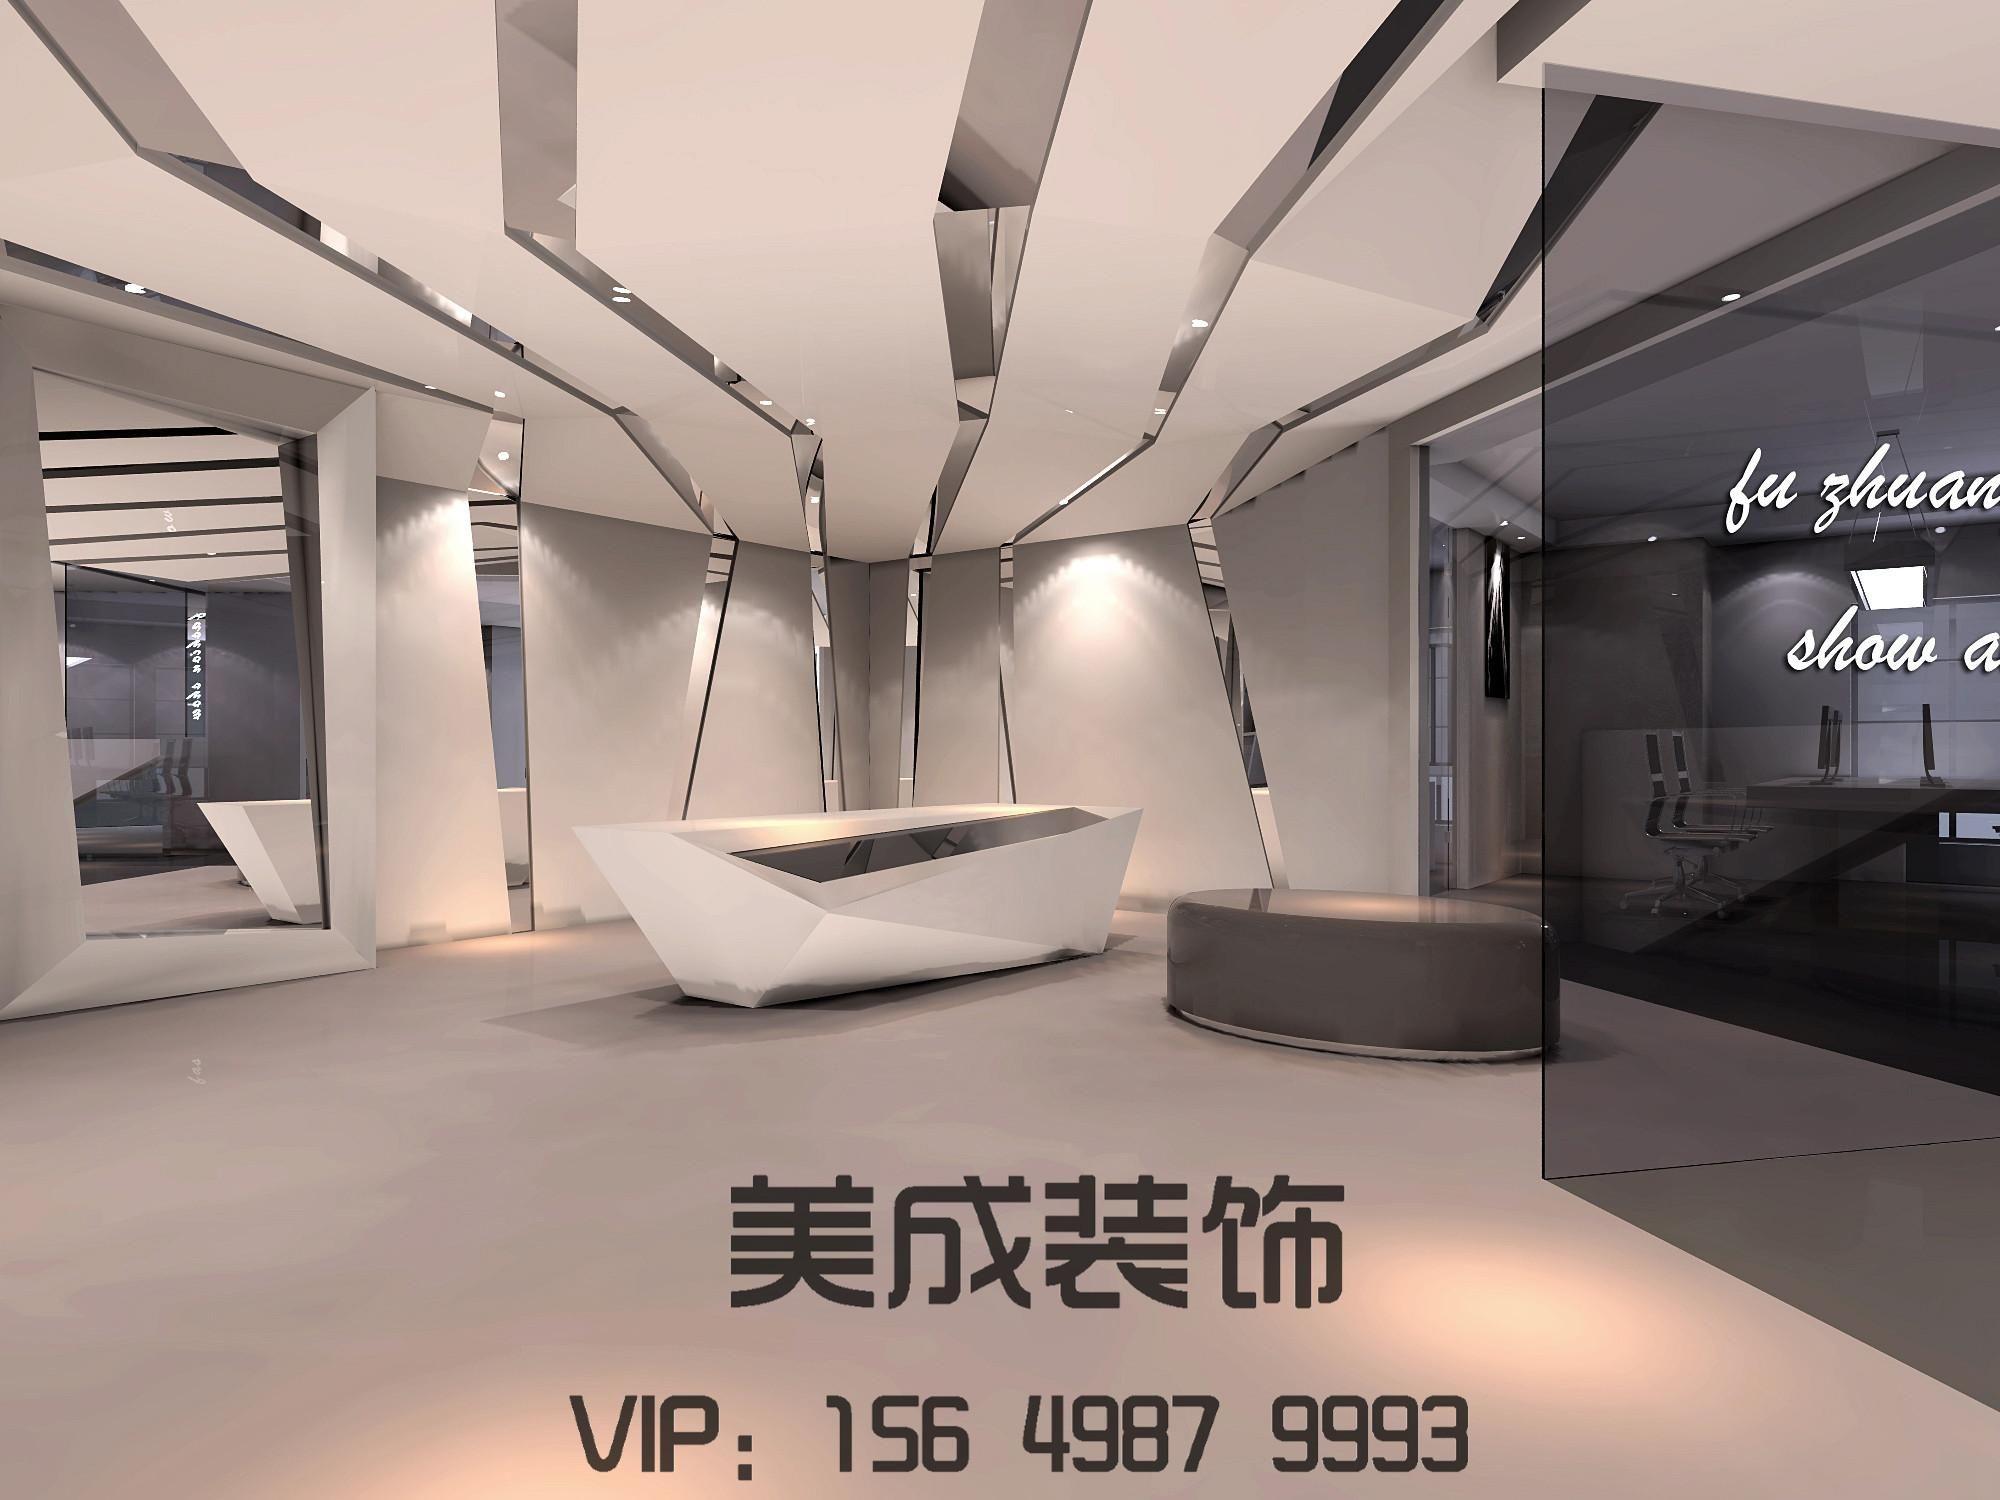 服装店设计装修案例图片 中原专业工装装修设计公司的空间 红动中国高清图片